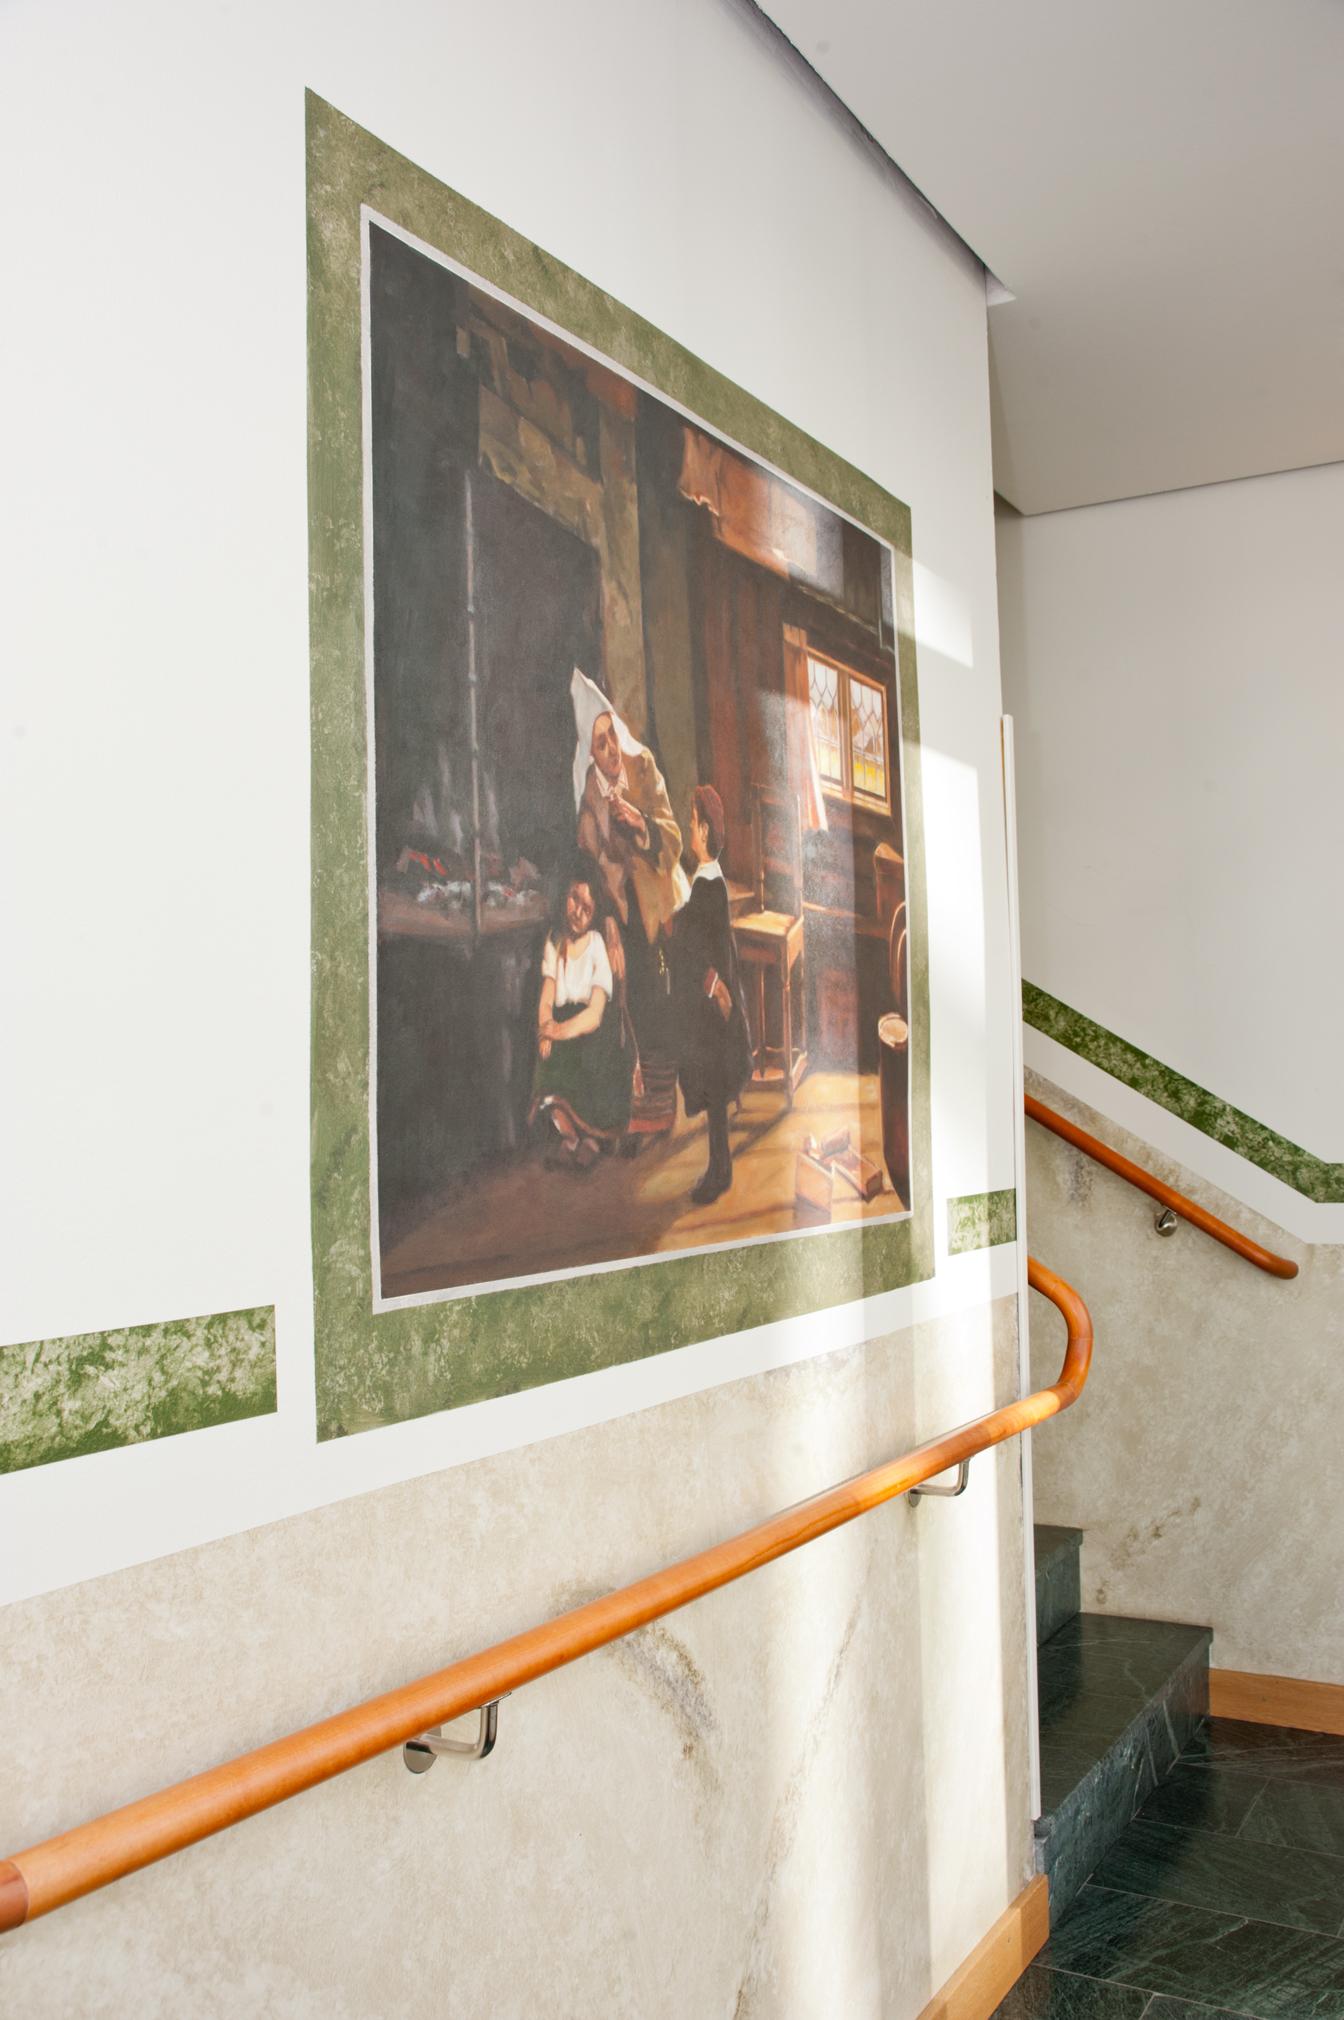 Reproduktion av Claes-Åke Schlönzig - Ernst Josephsson - Sagoberätterska - Klicka för att byta till närbild.